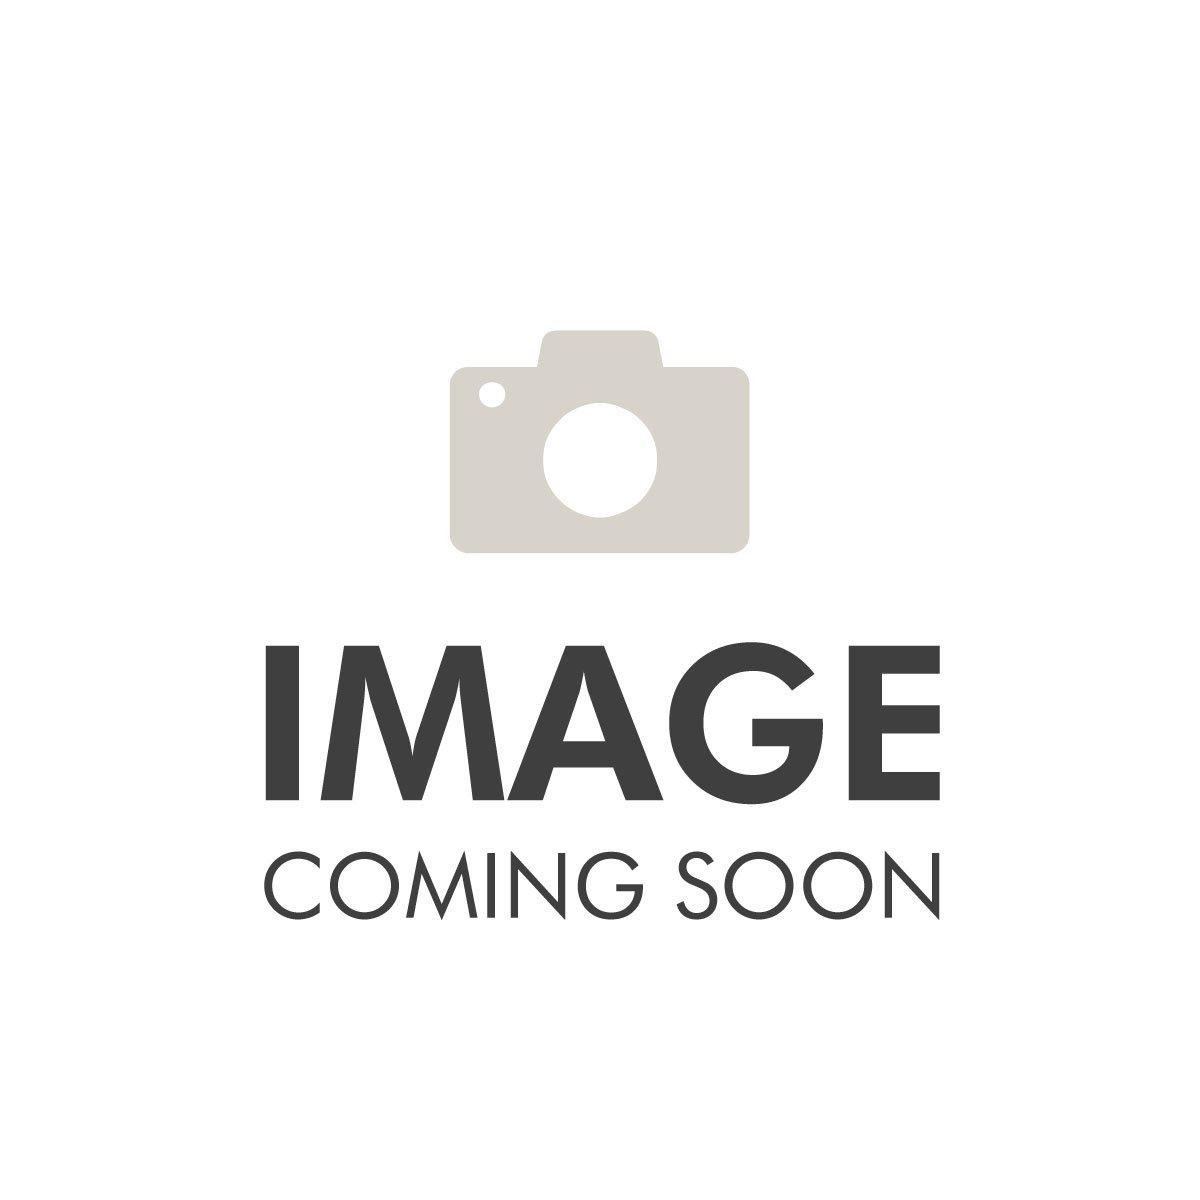 Giorgio Armani Acqua di Gio for Men 200ml EDT Spray